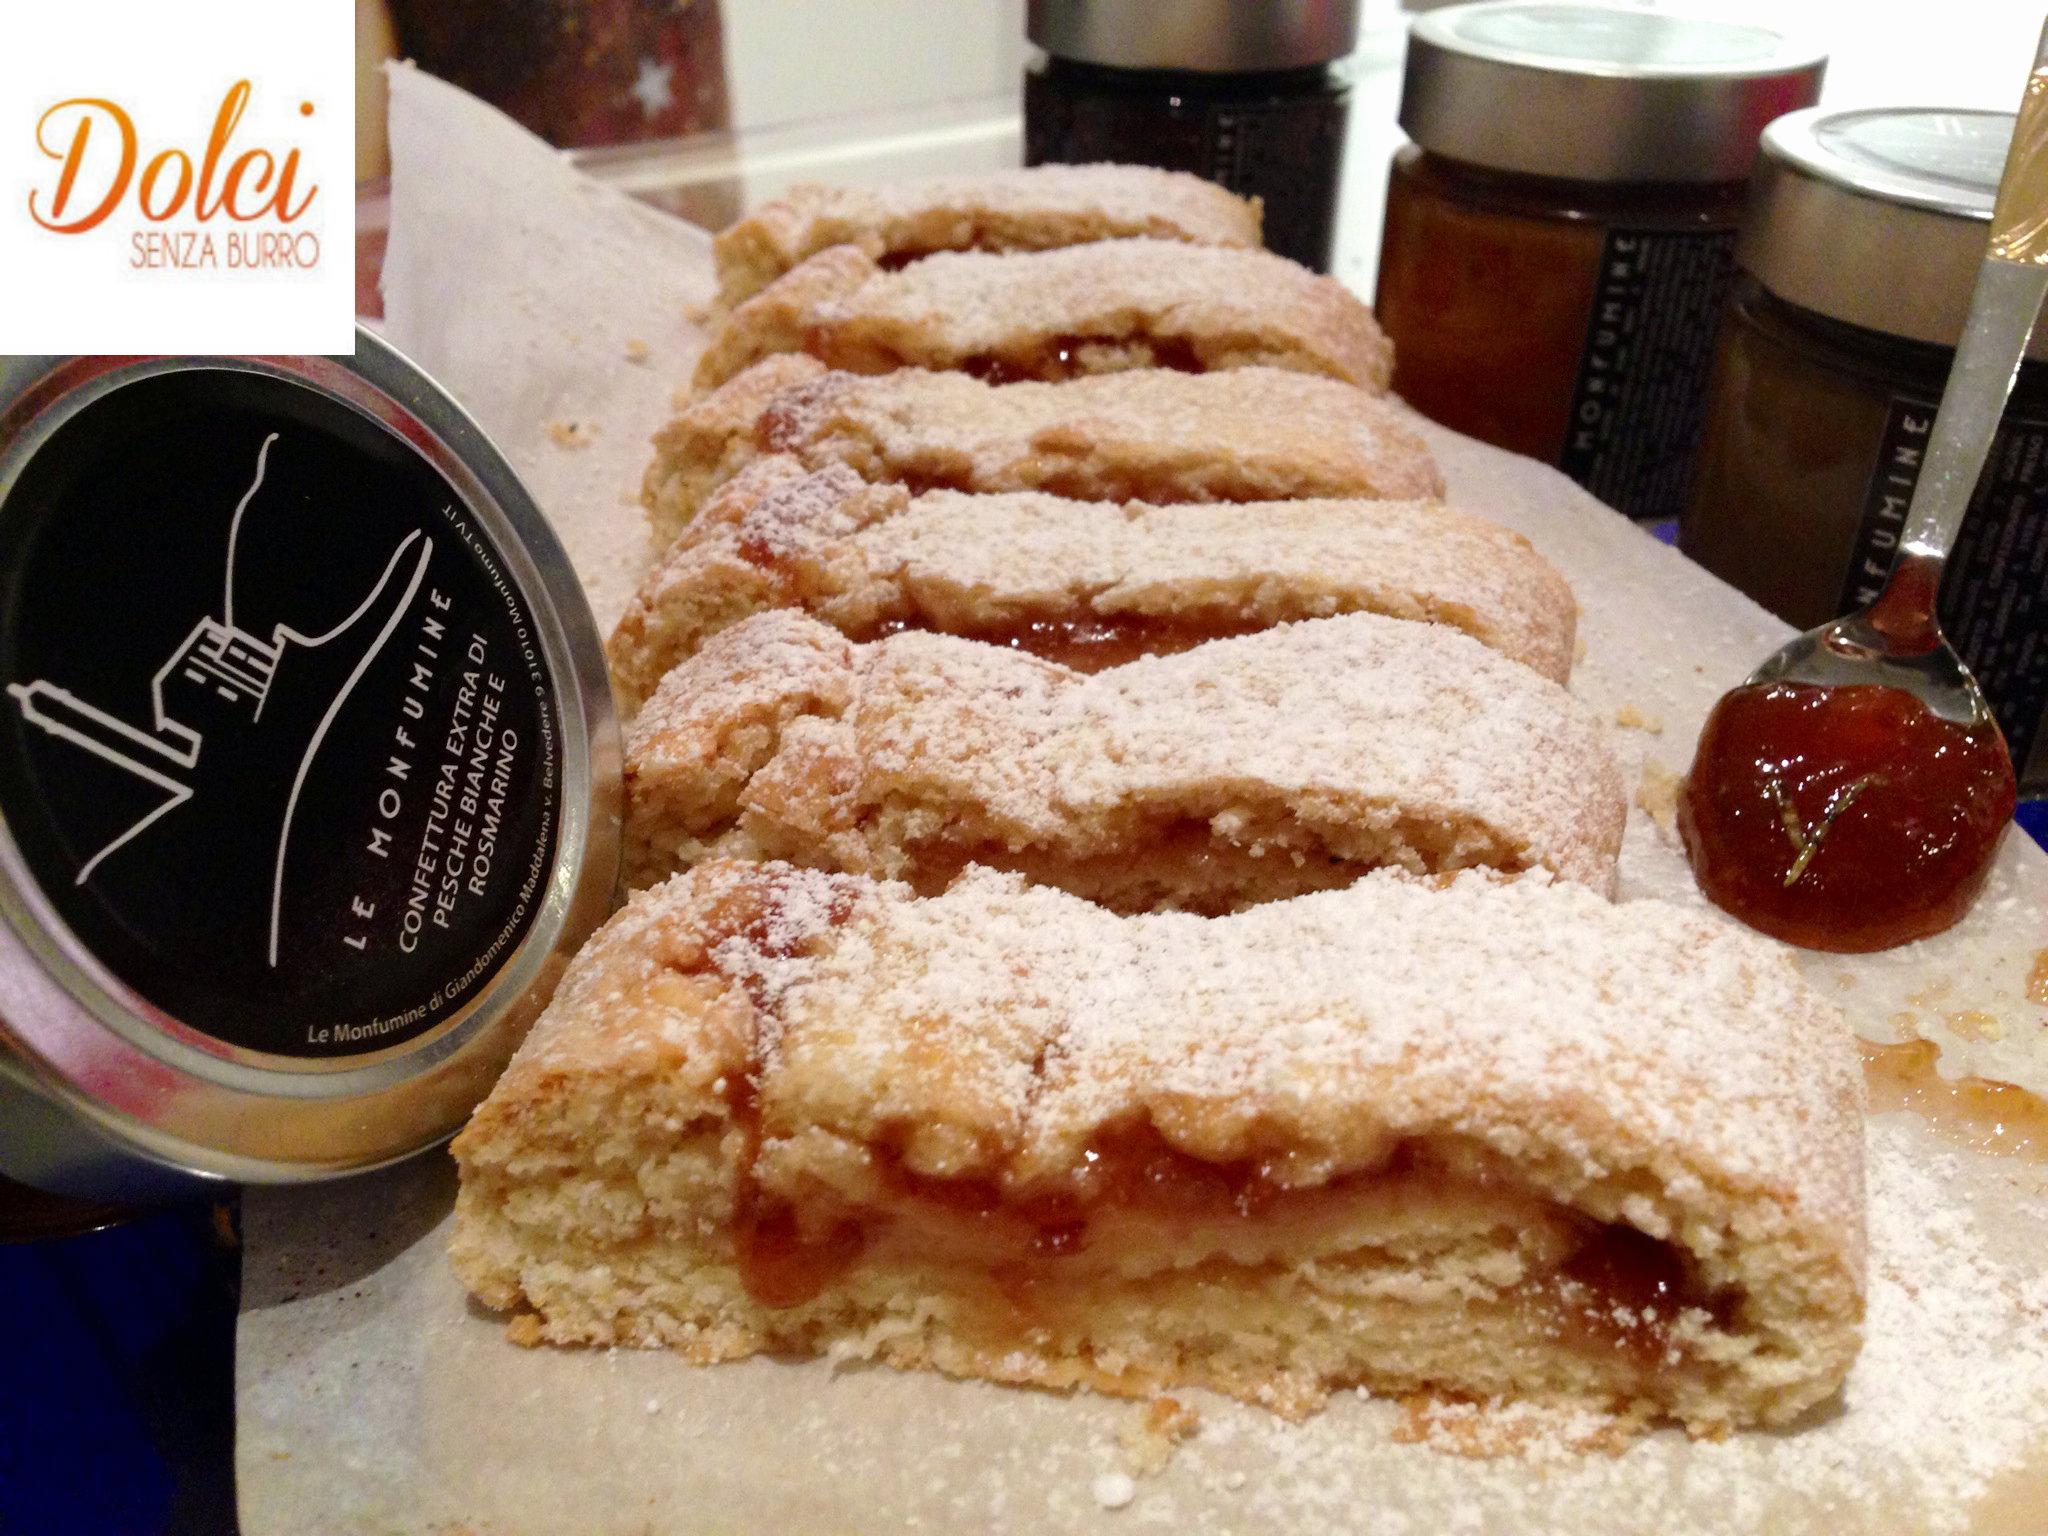 Barrette di Biscotti Senza Burro e Uova, i biscotti originali di dolci senza burro